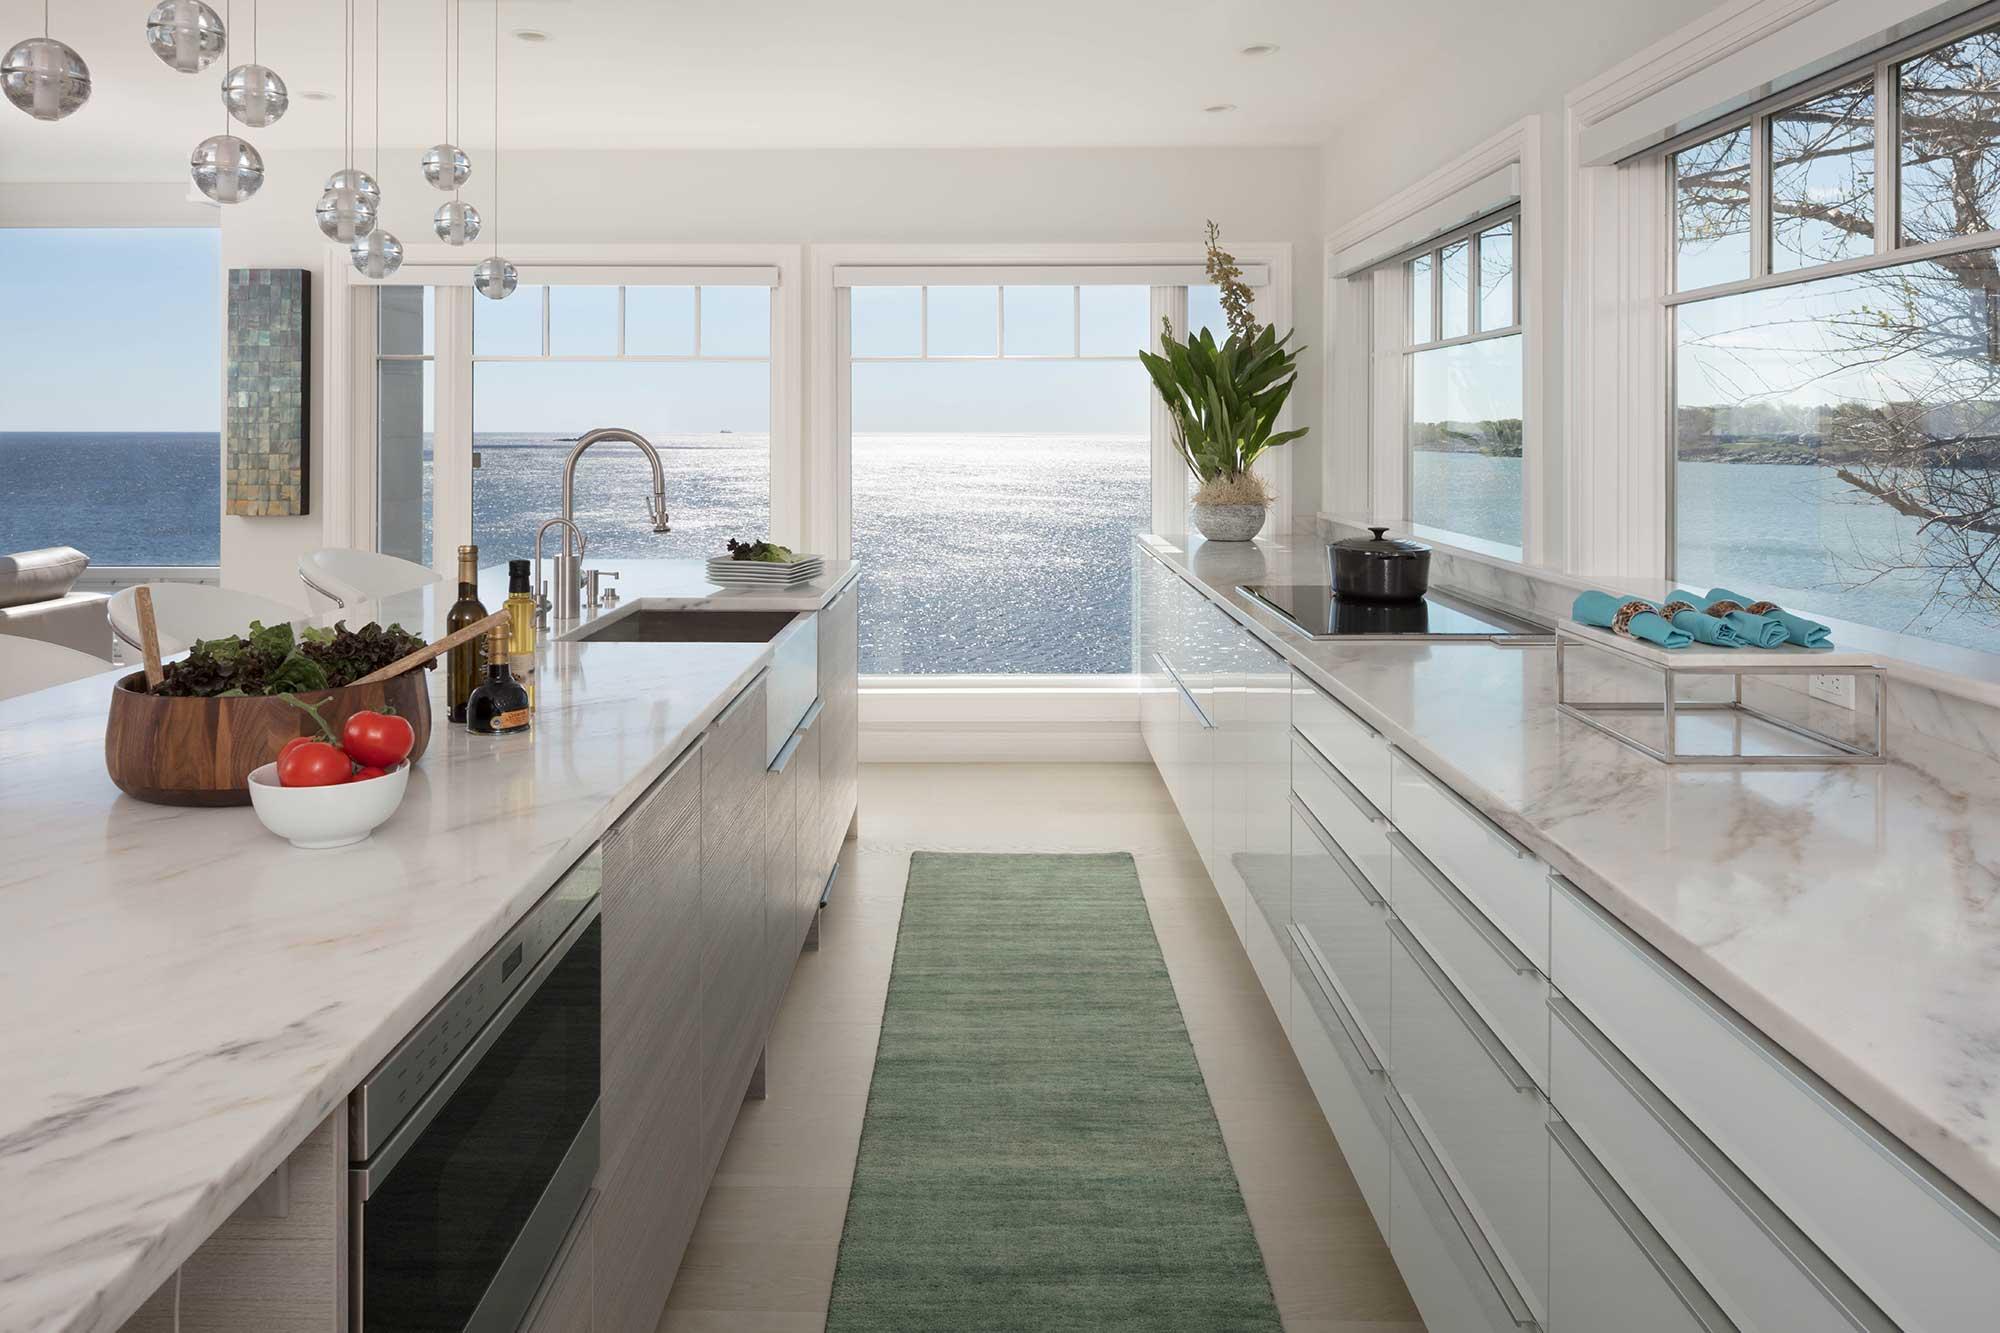 Anita Clark Design, High End Interior Design in Boston, North Shore, Cape & Islands.